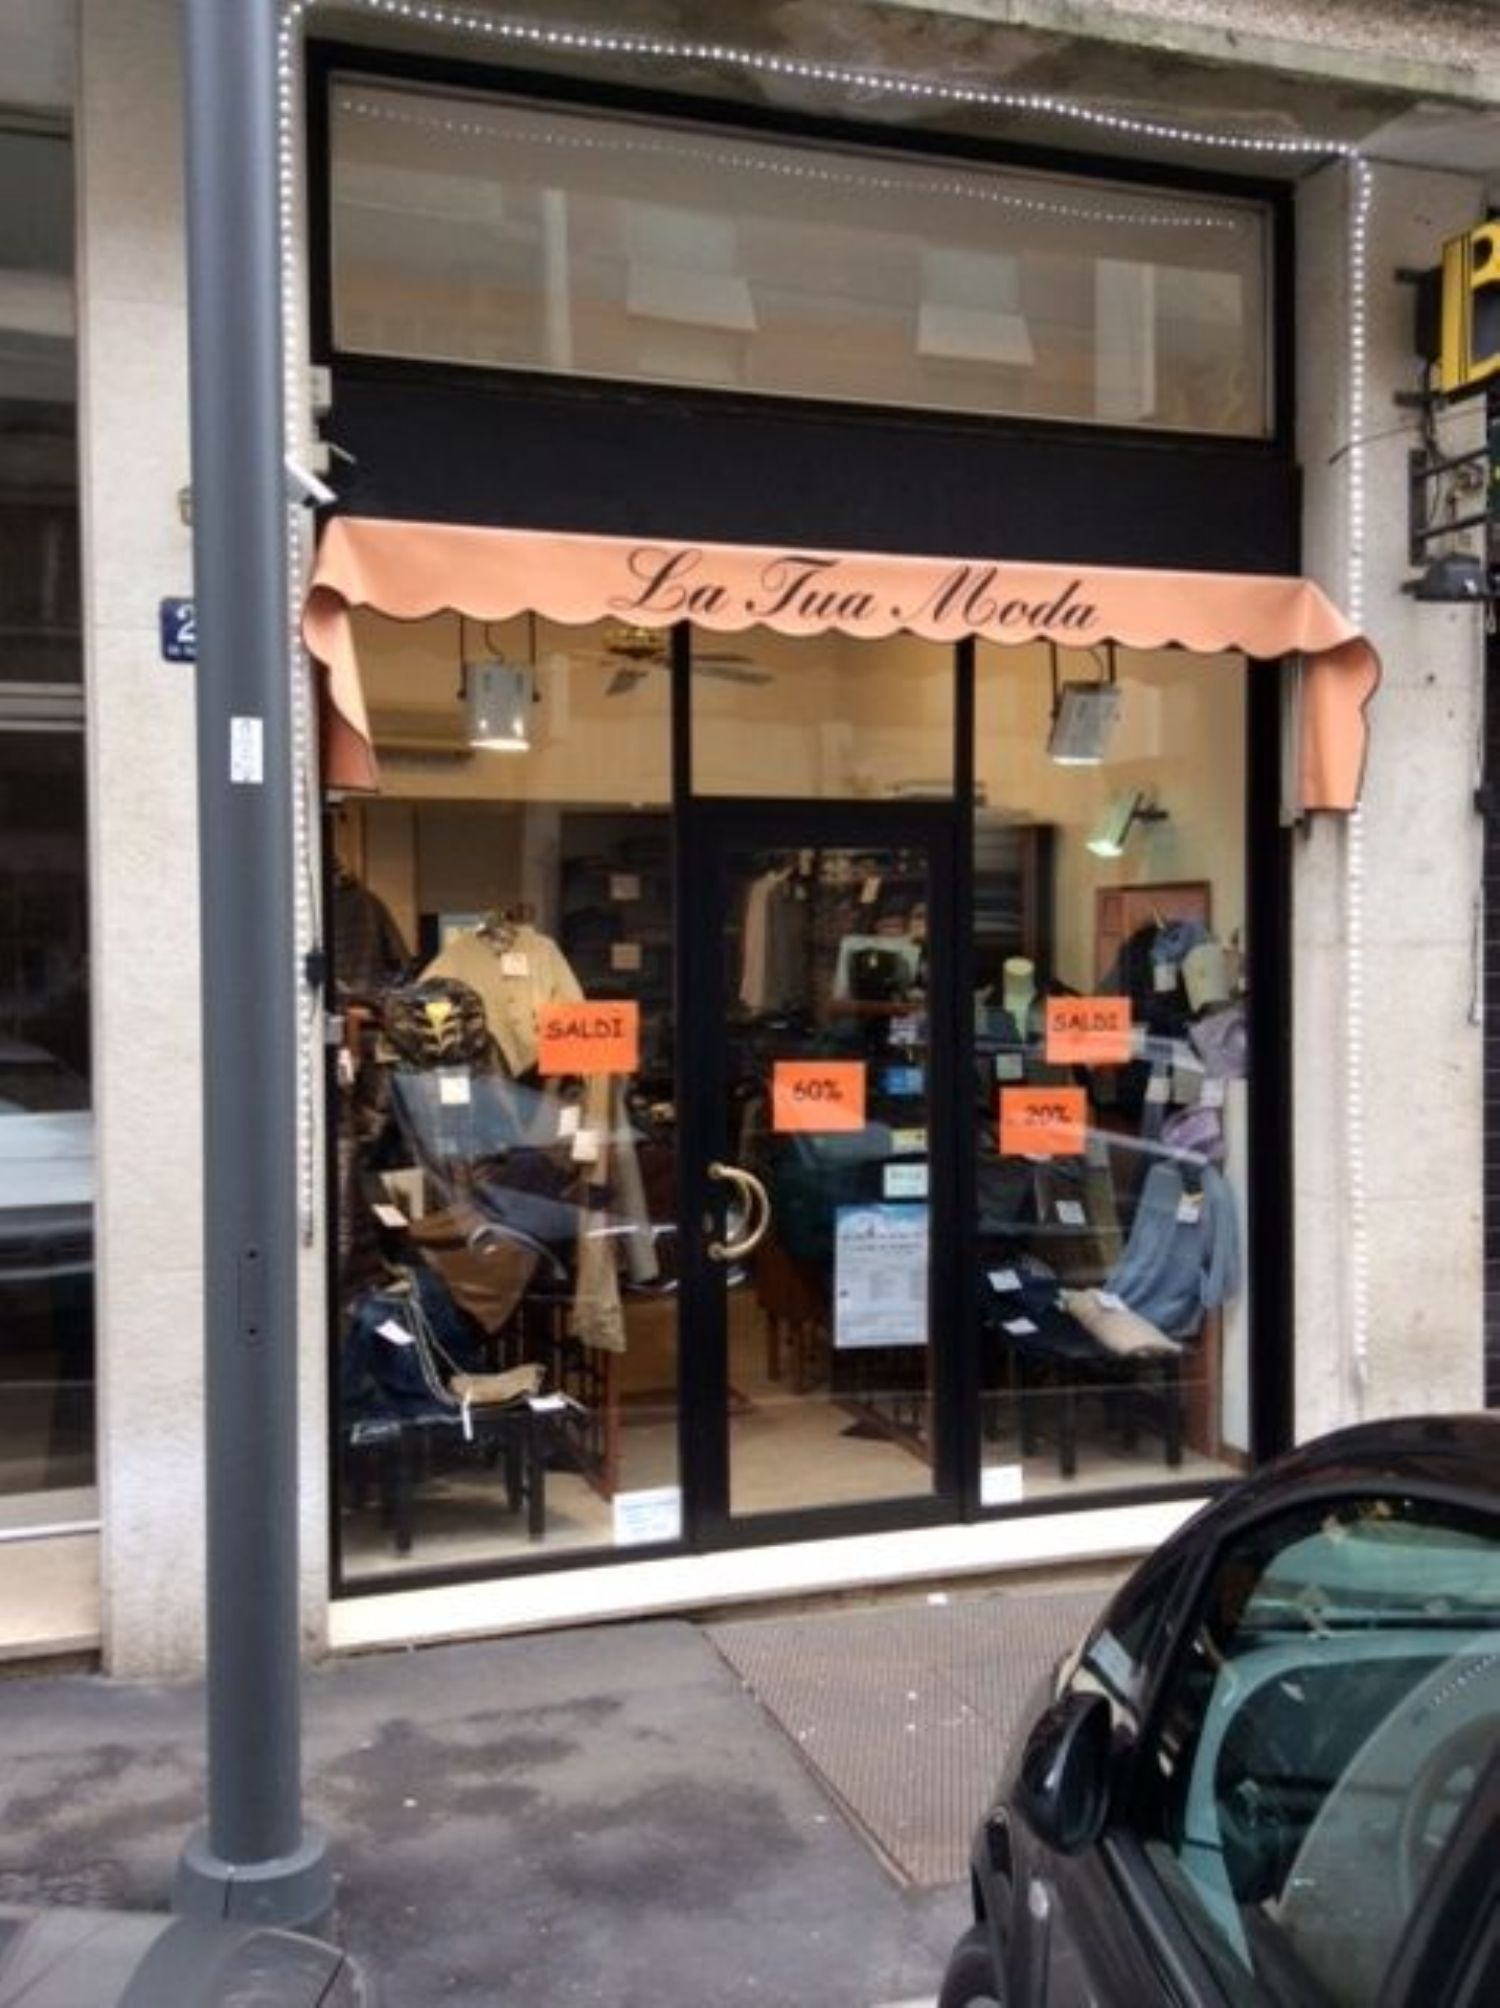 Immobile Commerciale in affitto a Trieste, 9999 locali, prezzo € 650 | Cambio Casa.it